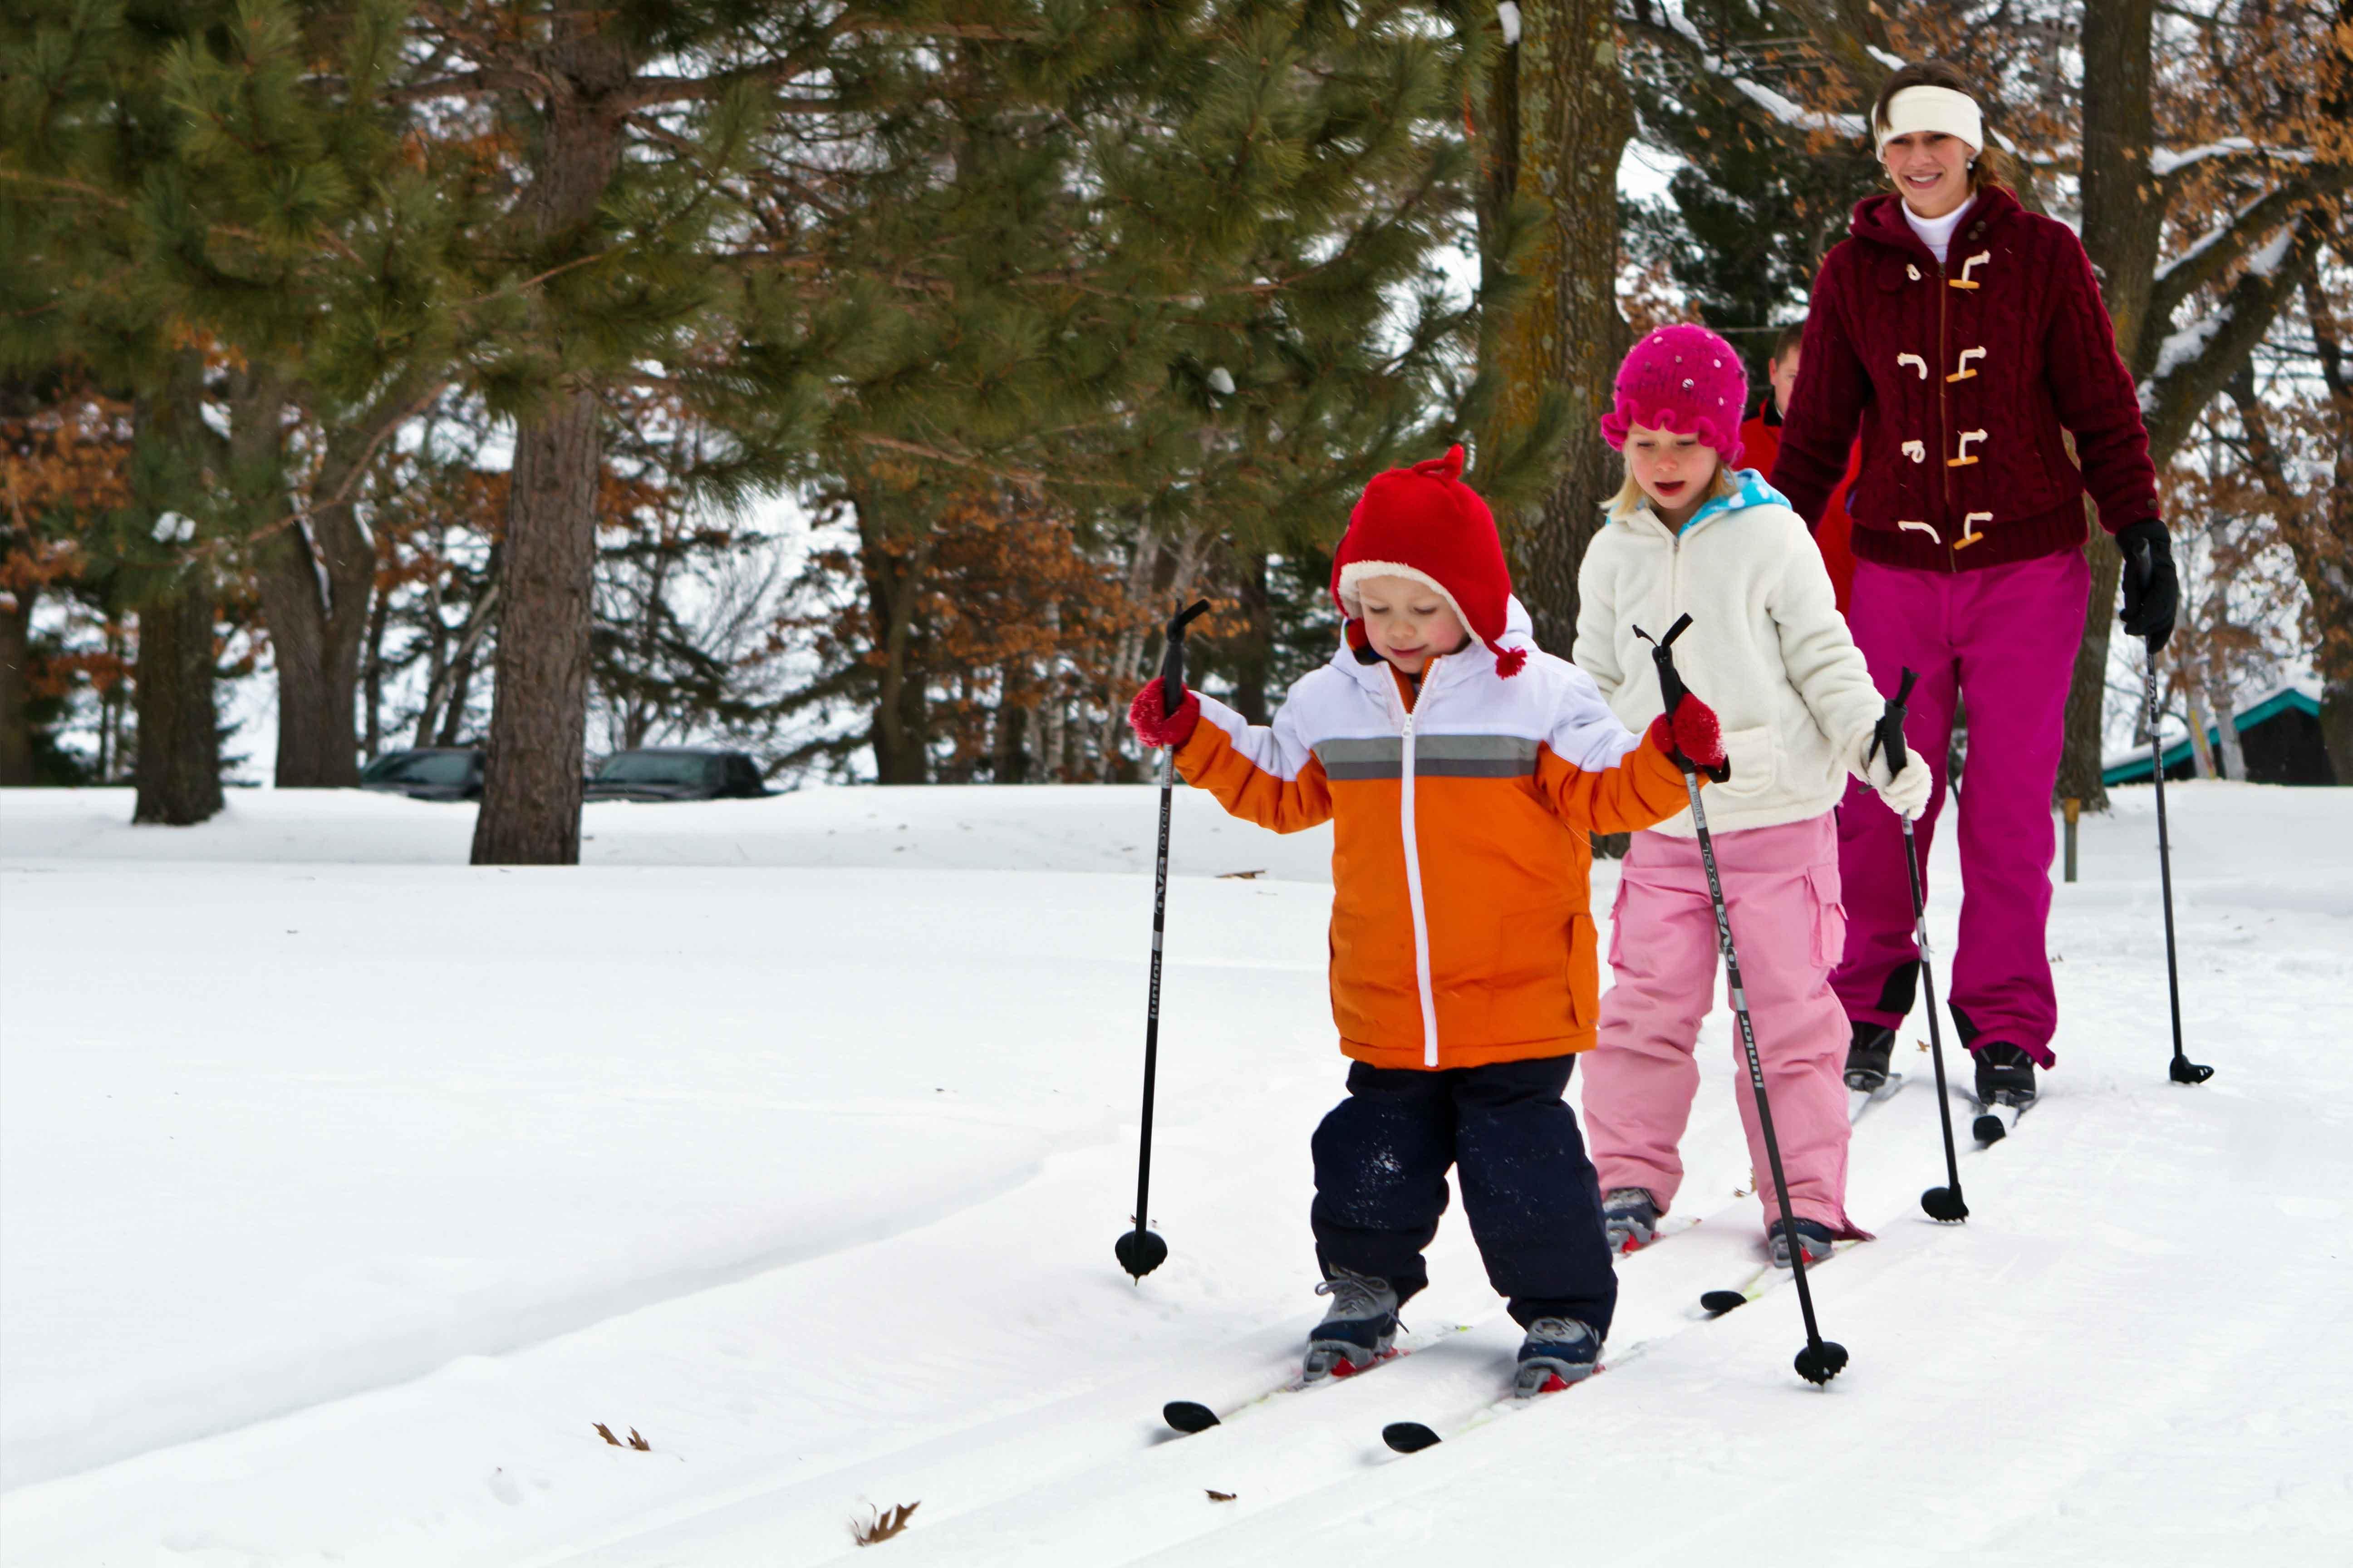 Cross-country skiing in Brainerd